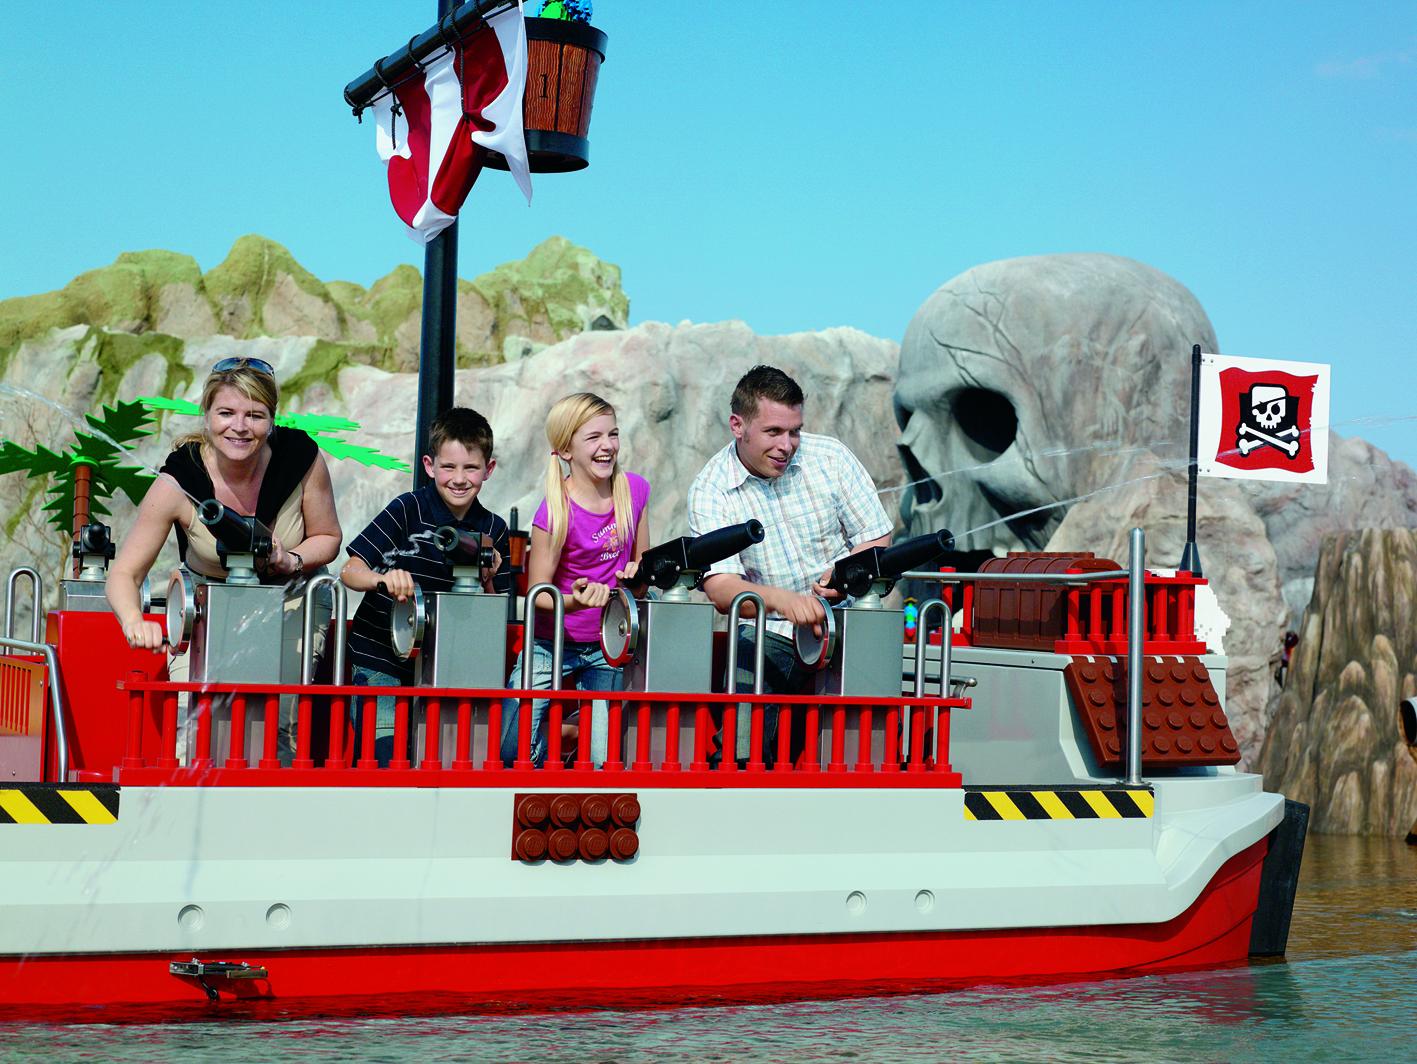 lld-land-der-piraten_piratenschlacht-2